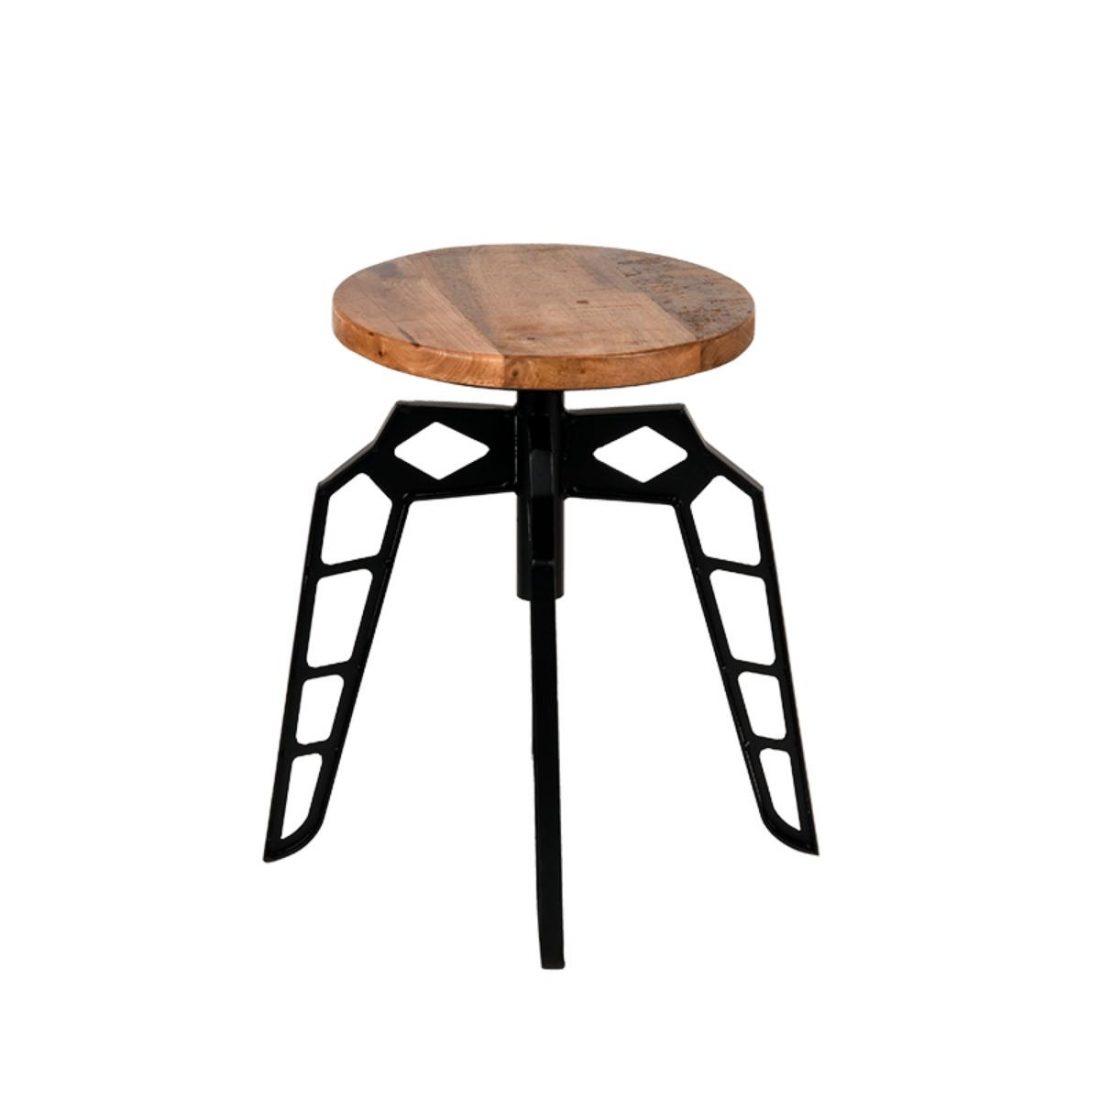 Kruk Pebble Zwart Metaal Rough Mangohout 35x35x52 Cm Vooraanzicht 2